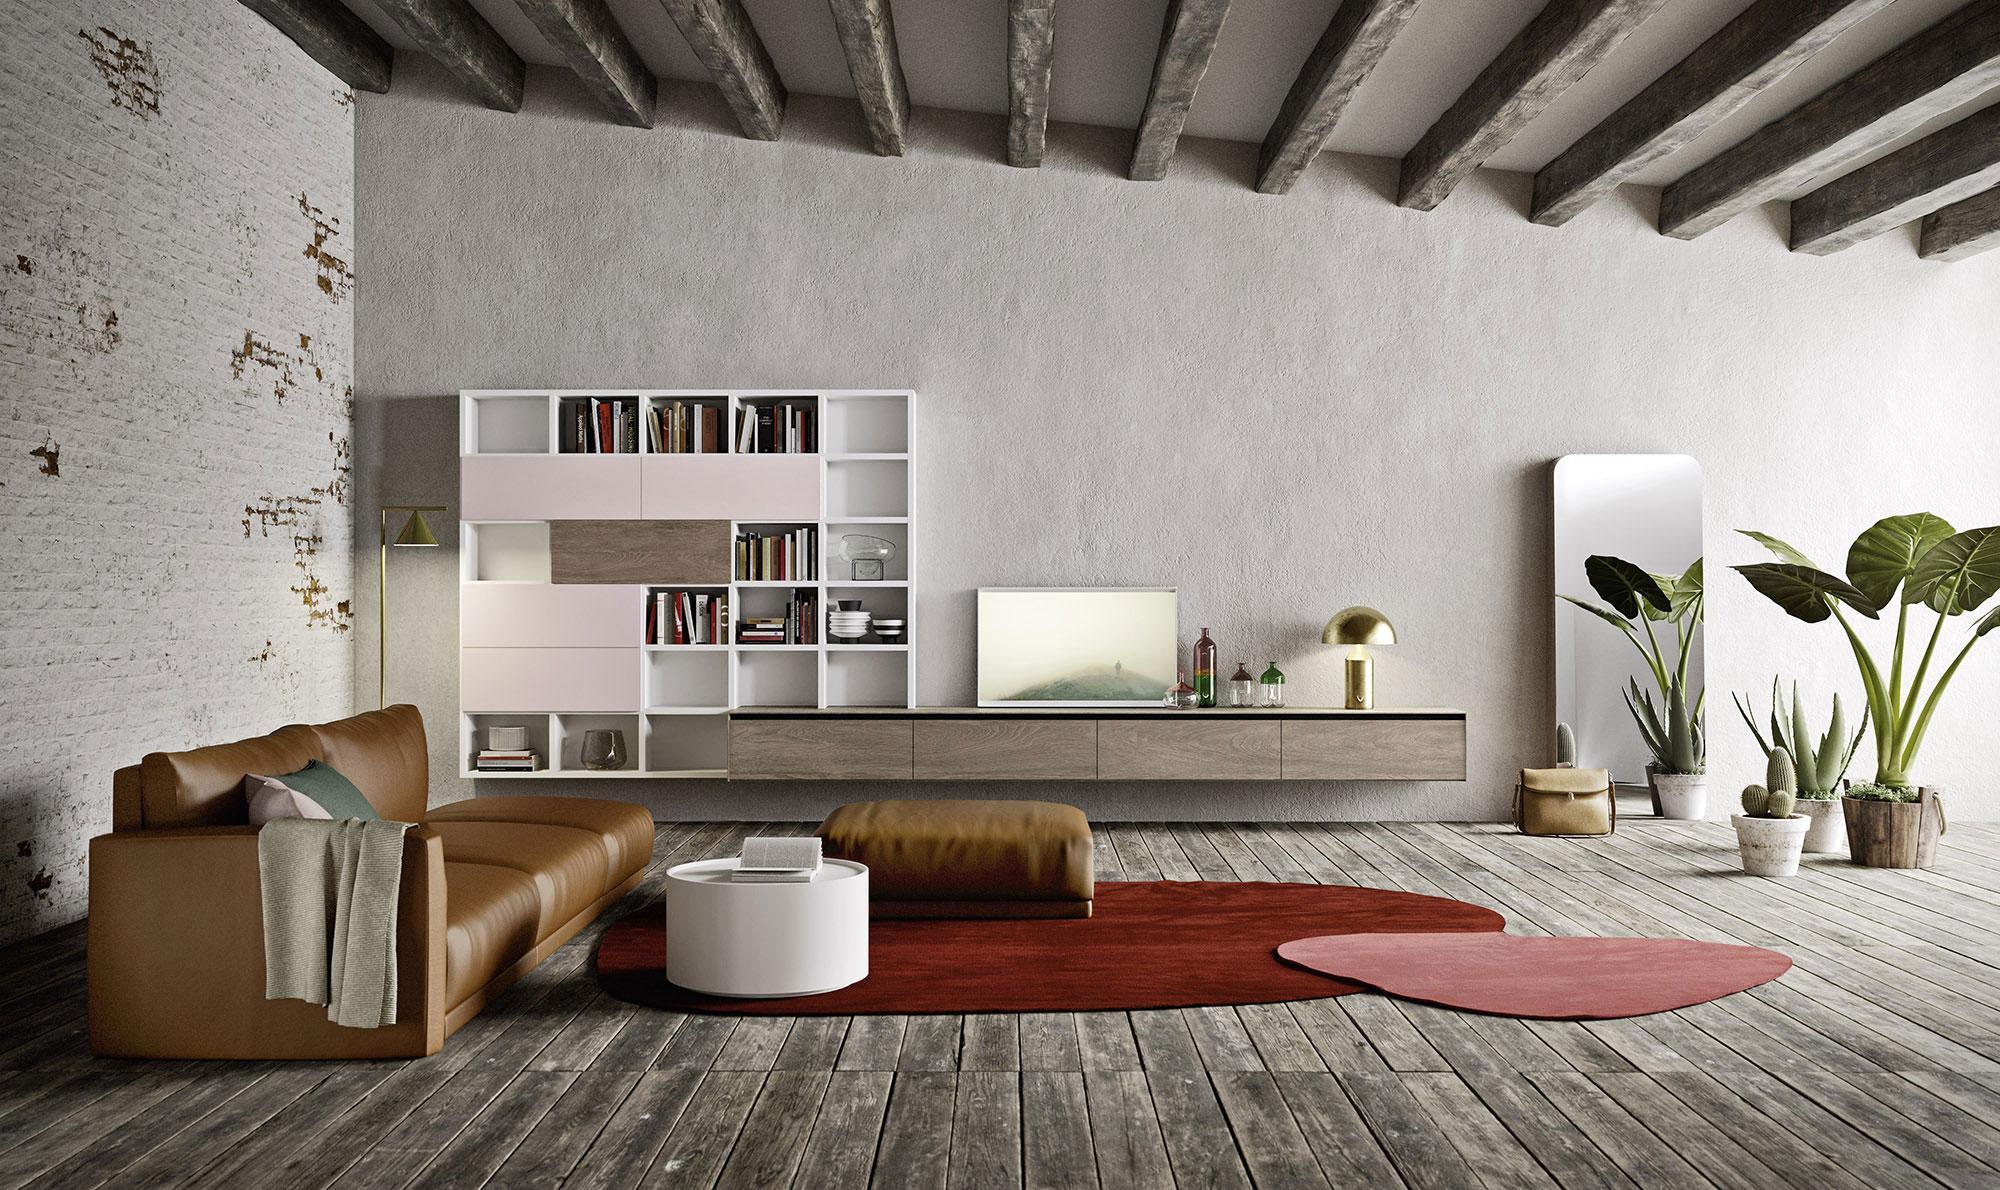 Die wohnung gekonnt in szene setzen livarea for Wohnzimmer inspiration